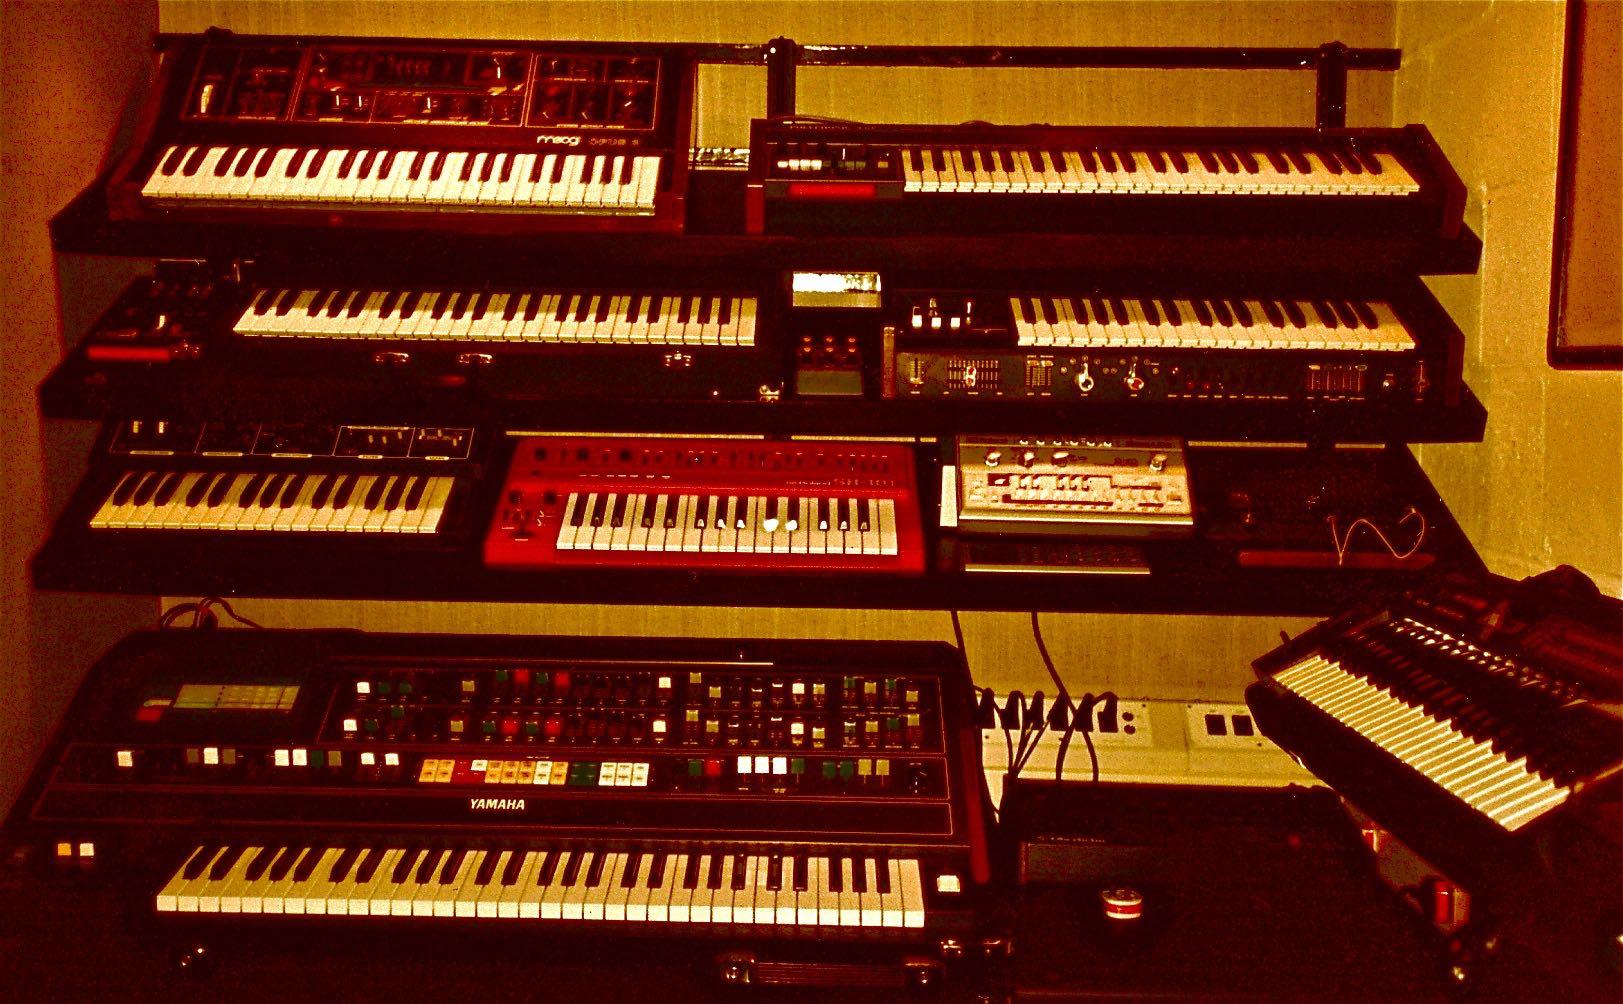 Bunk Jungk & Genius Studios, London - 1992